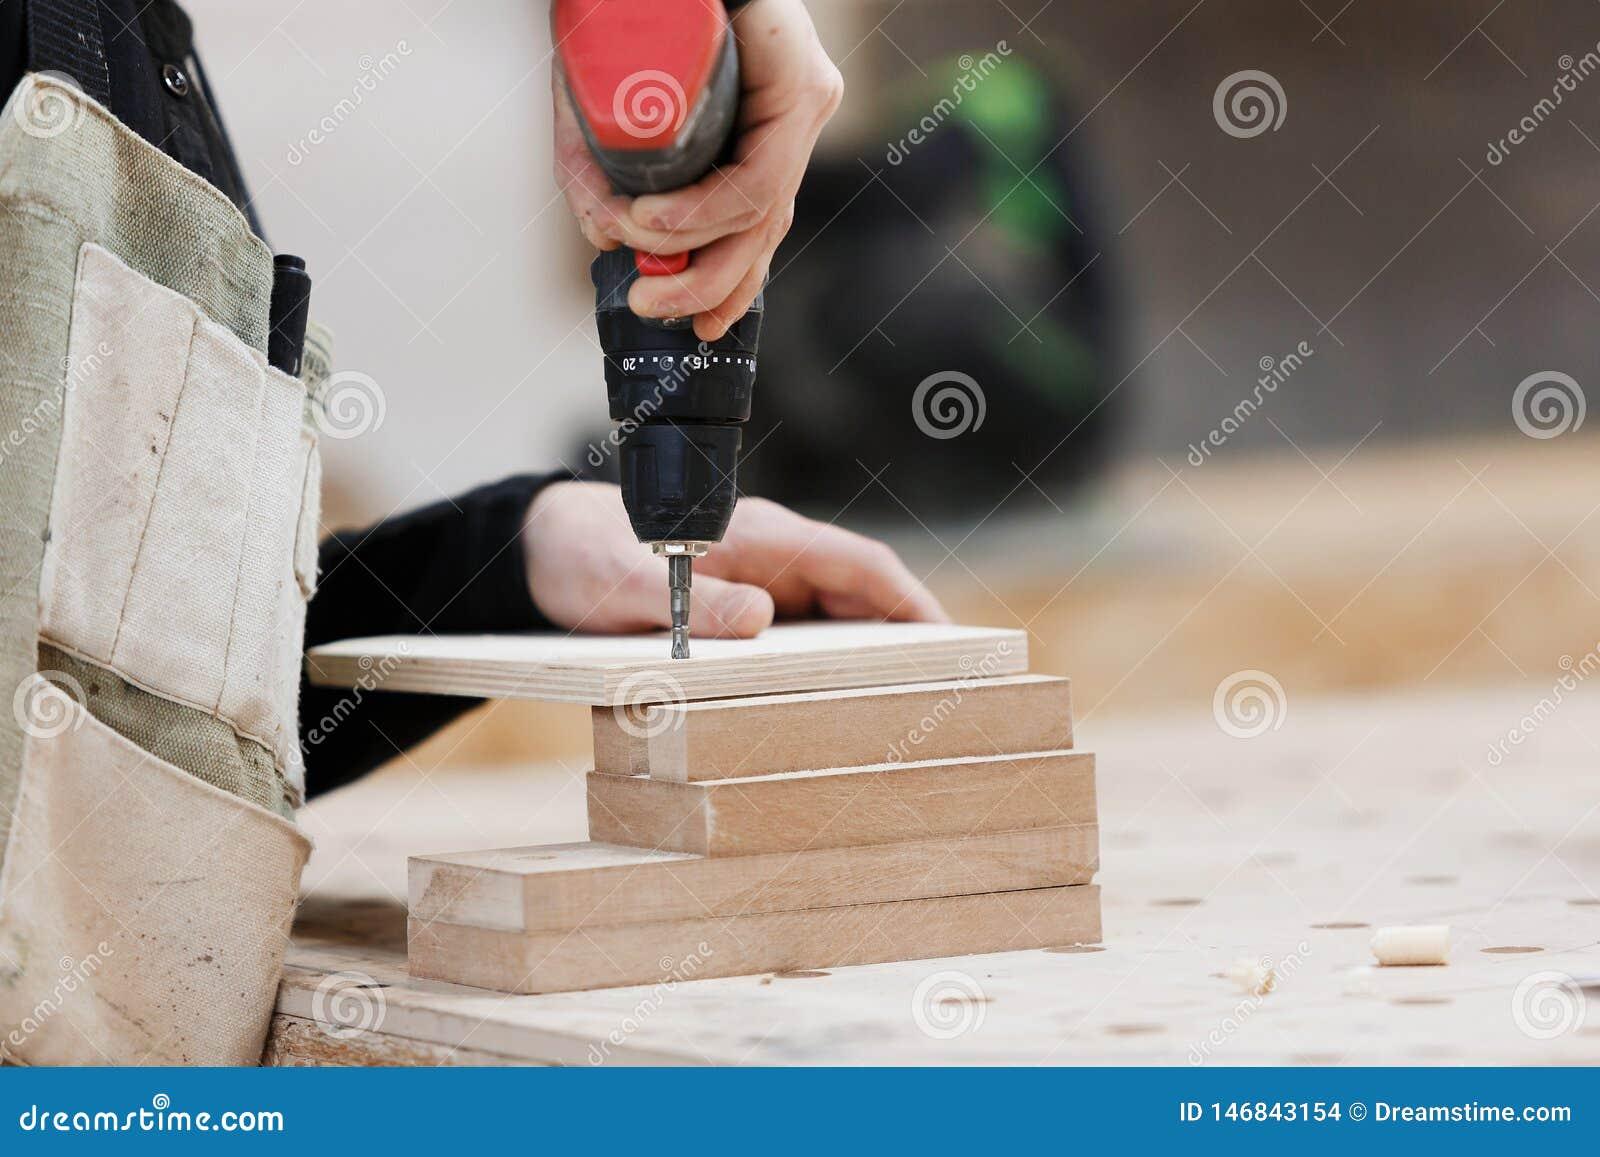 Carpintero que trabaja con un destornillador el?ctrico en el banco de trabajo